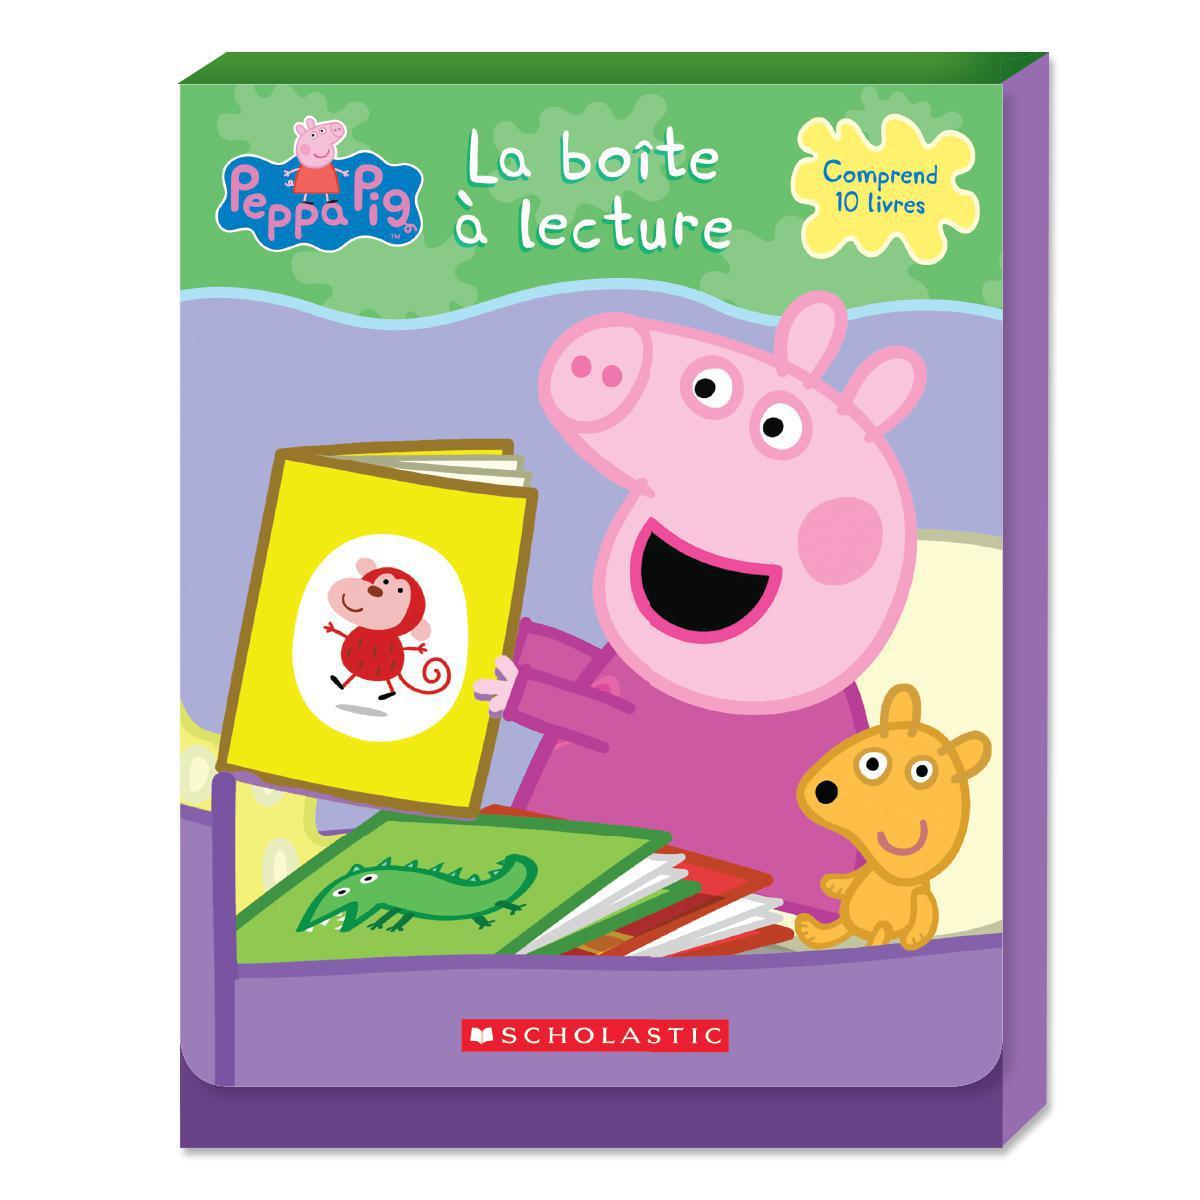 Peppa Pig : La boîte à lecture